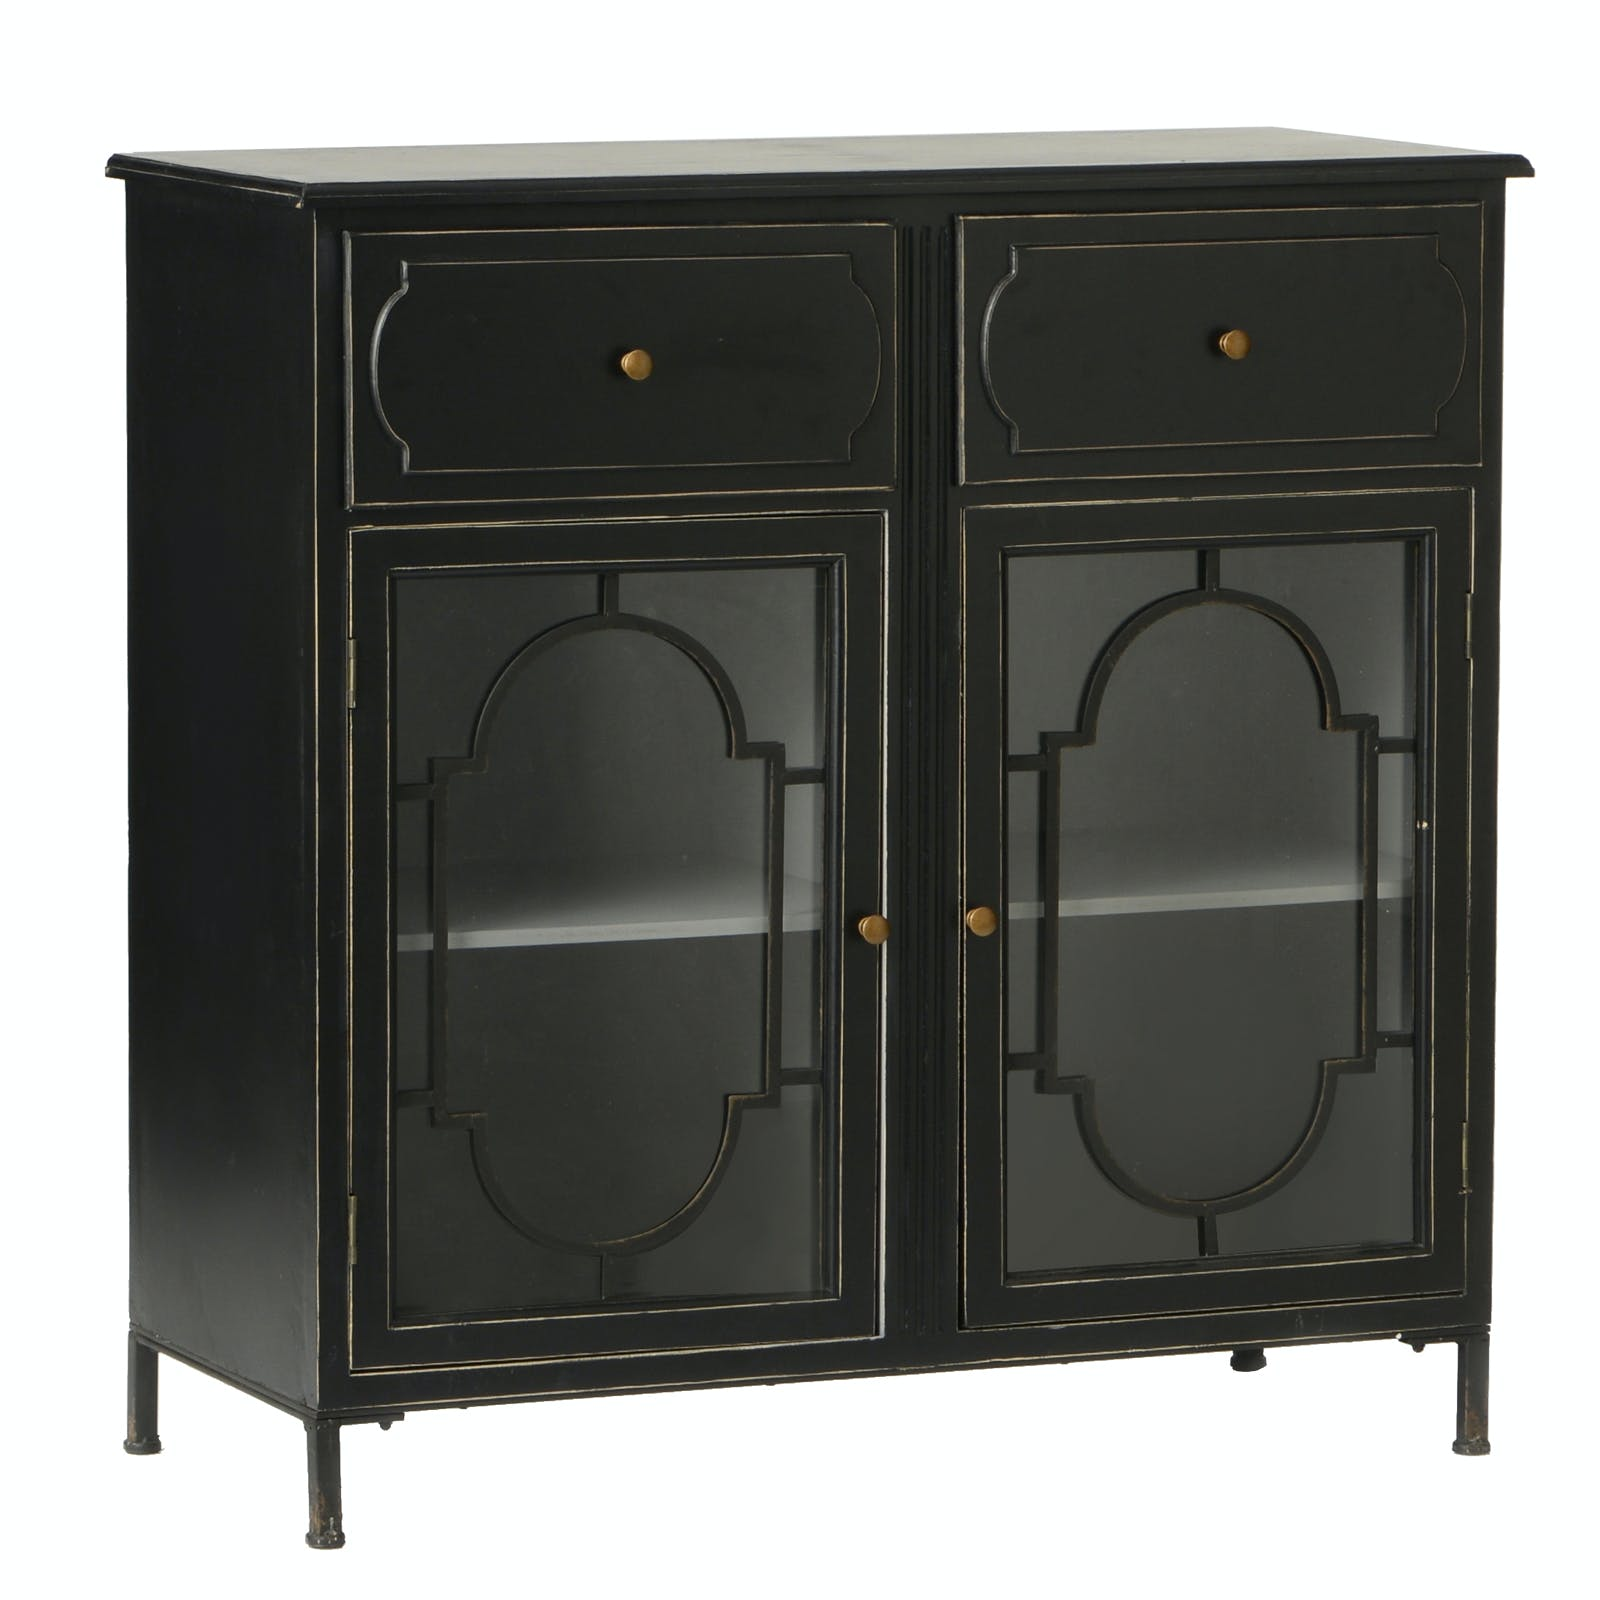 Buffet en bois noir, 2 tiroirs et 2 portes vitrées avec décor métal 101x45x100cm ACADEMIE